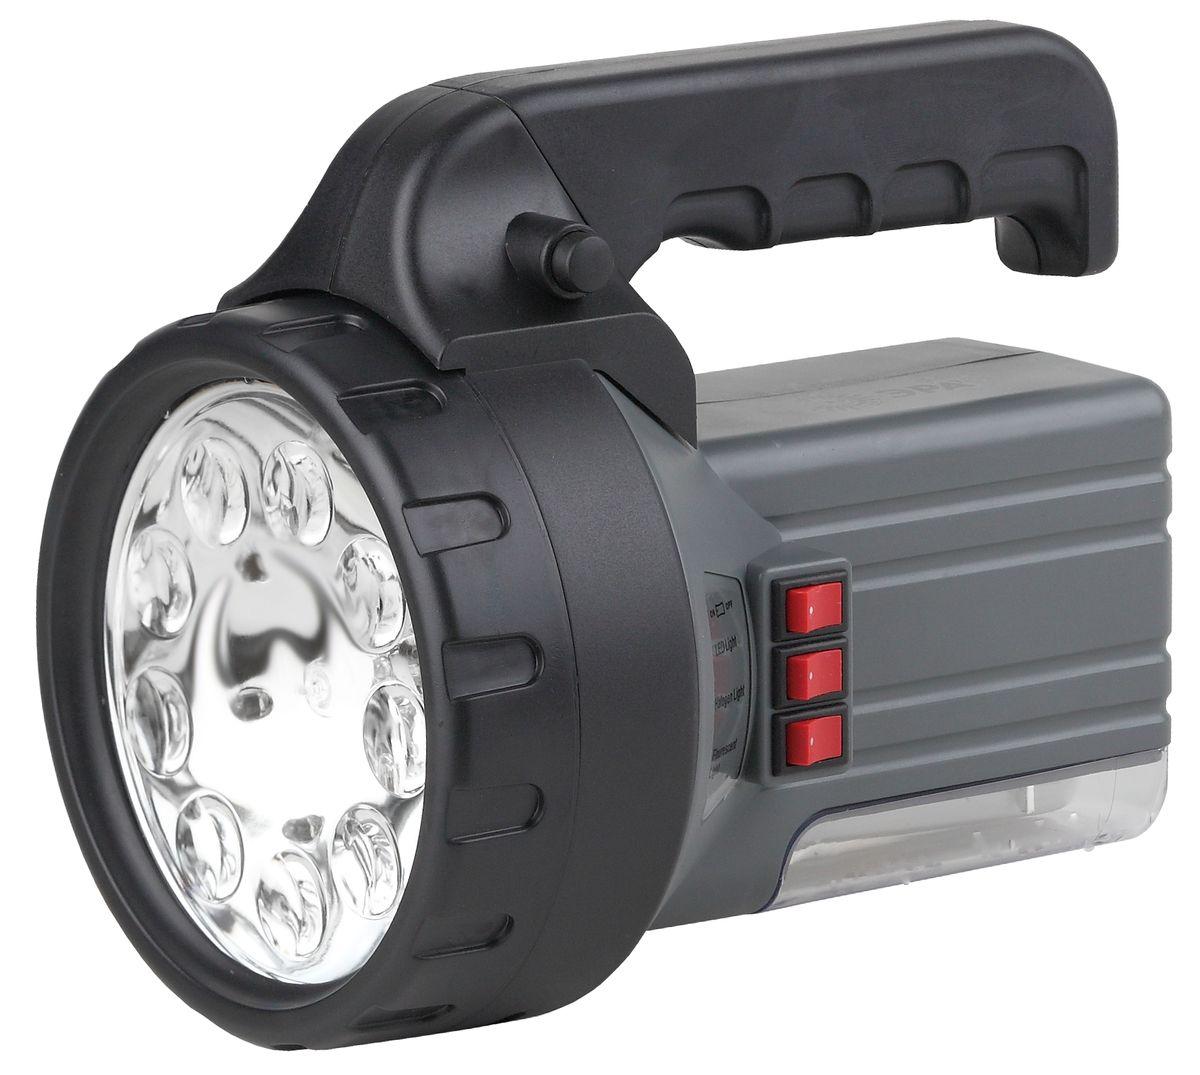 Фонарь ручной ЭРА, 9xLED, галоген 10W, люм 7W, аккумулятор 6V2.5Ah, ЗУ 220VKOCAc6009LEDАккумуляторный светодиодный прожектор: 9 белых LED + галогенная лампа 10W + люмлампа 7W Аккумулятор 6V 2.5Ah подзарядка от сети 220V